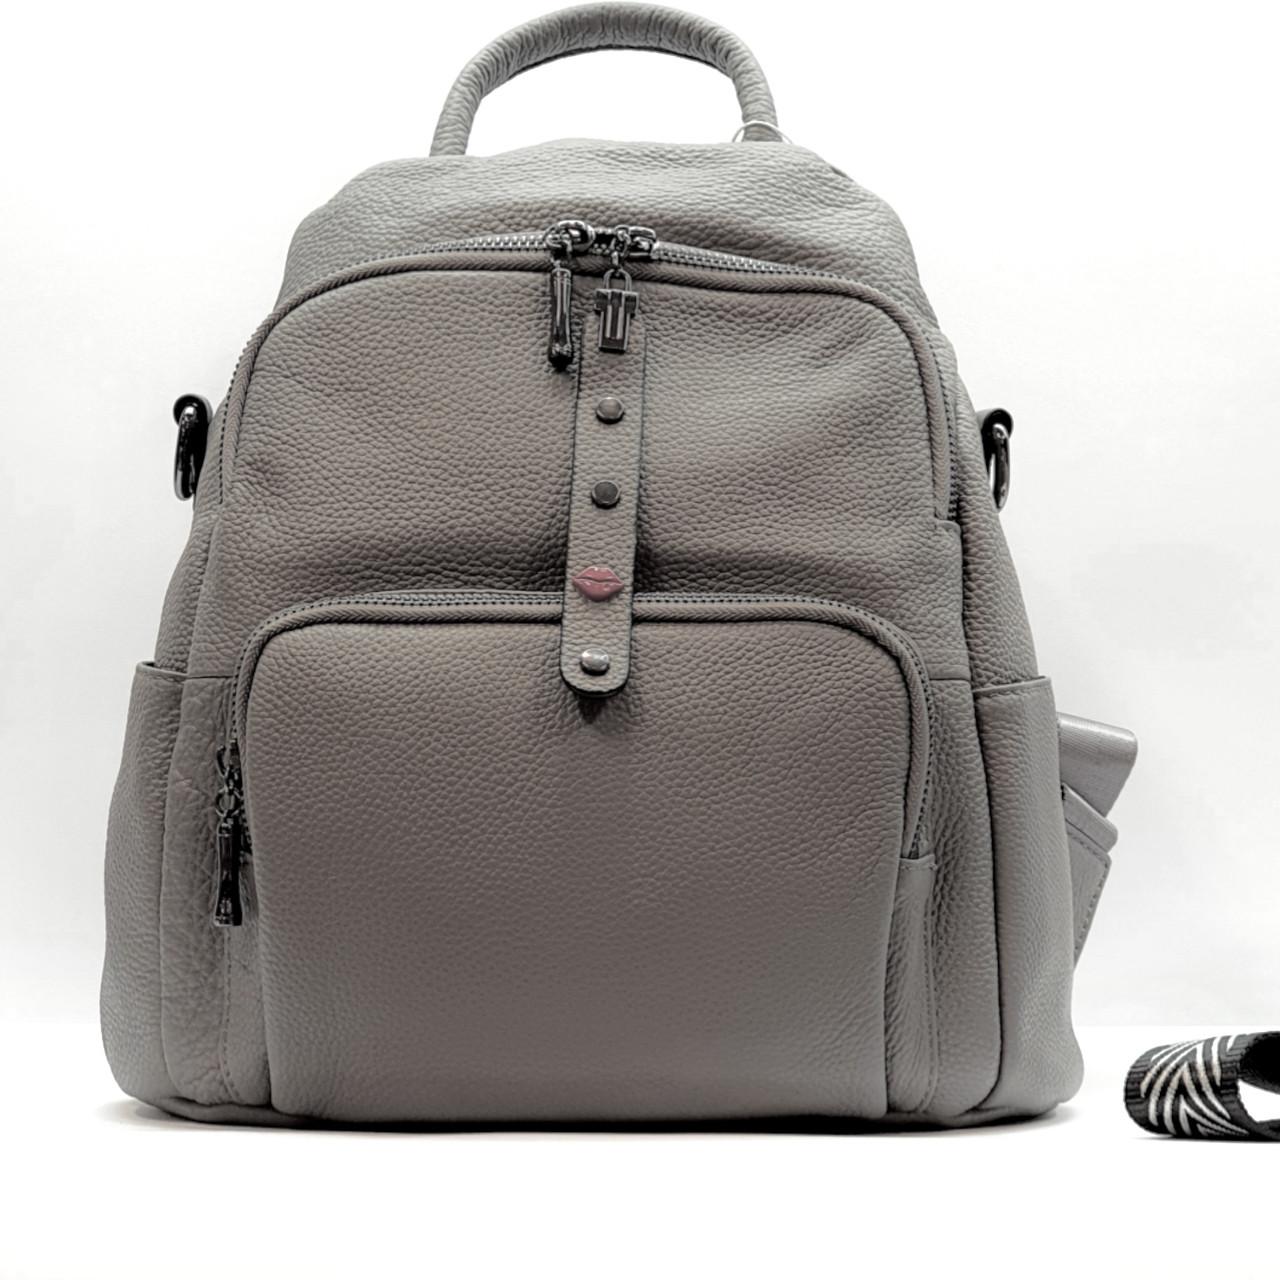 Рюкзак-сумка средний женский из натуральной кожи городской серый